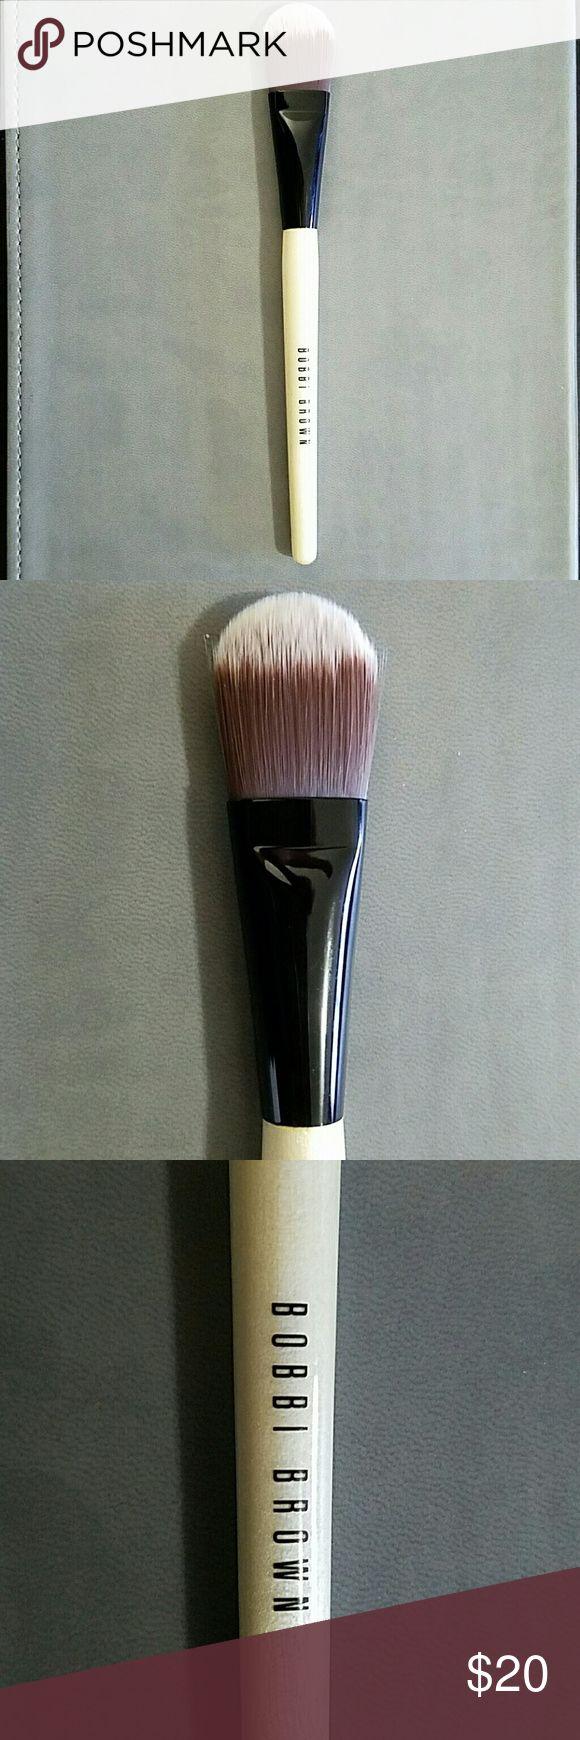 Bobbi Brown Foundation Brush Authentic original Bobbi Brown foundation brush -- brand new, never used!!! Bobbi Brown Makeup Brushes & Tools